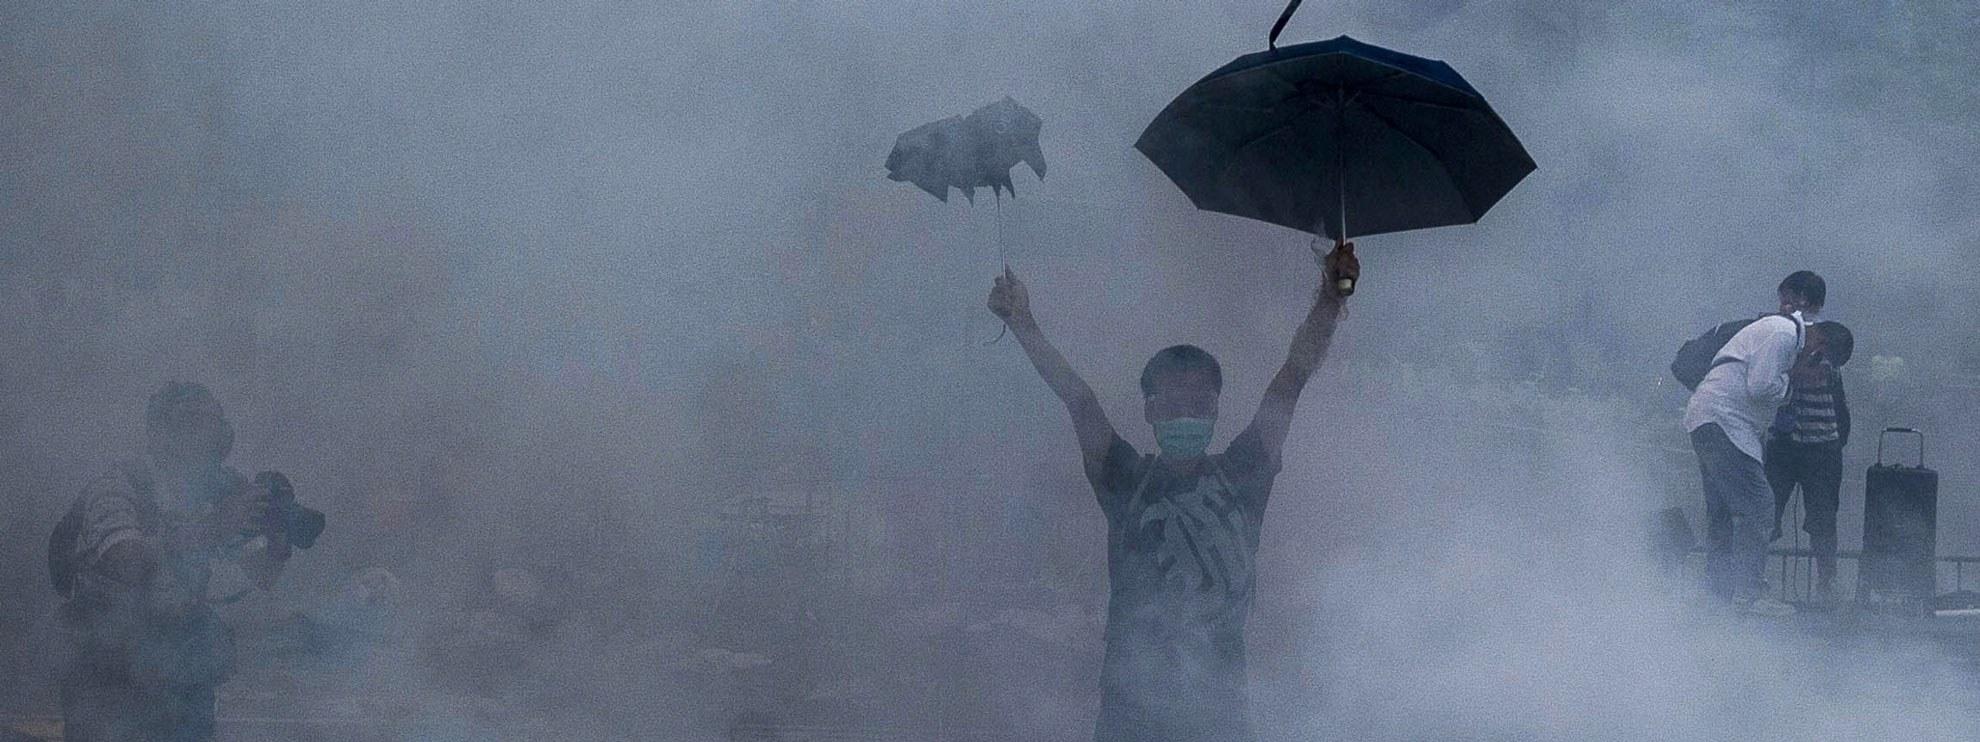 Évasion de gaz lacrymogène : des pétards de gaz lacrymogène de la police lors d'une manifestation pour la démocratie près de l'immeuble du gouvernement de Hong Kong le 28 septembre 2014. Getty Images/AFP